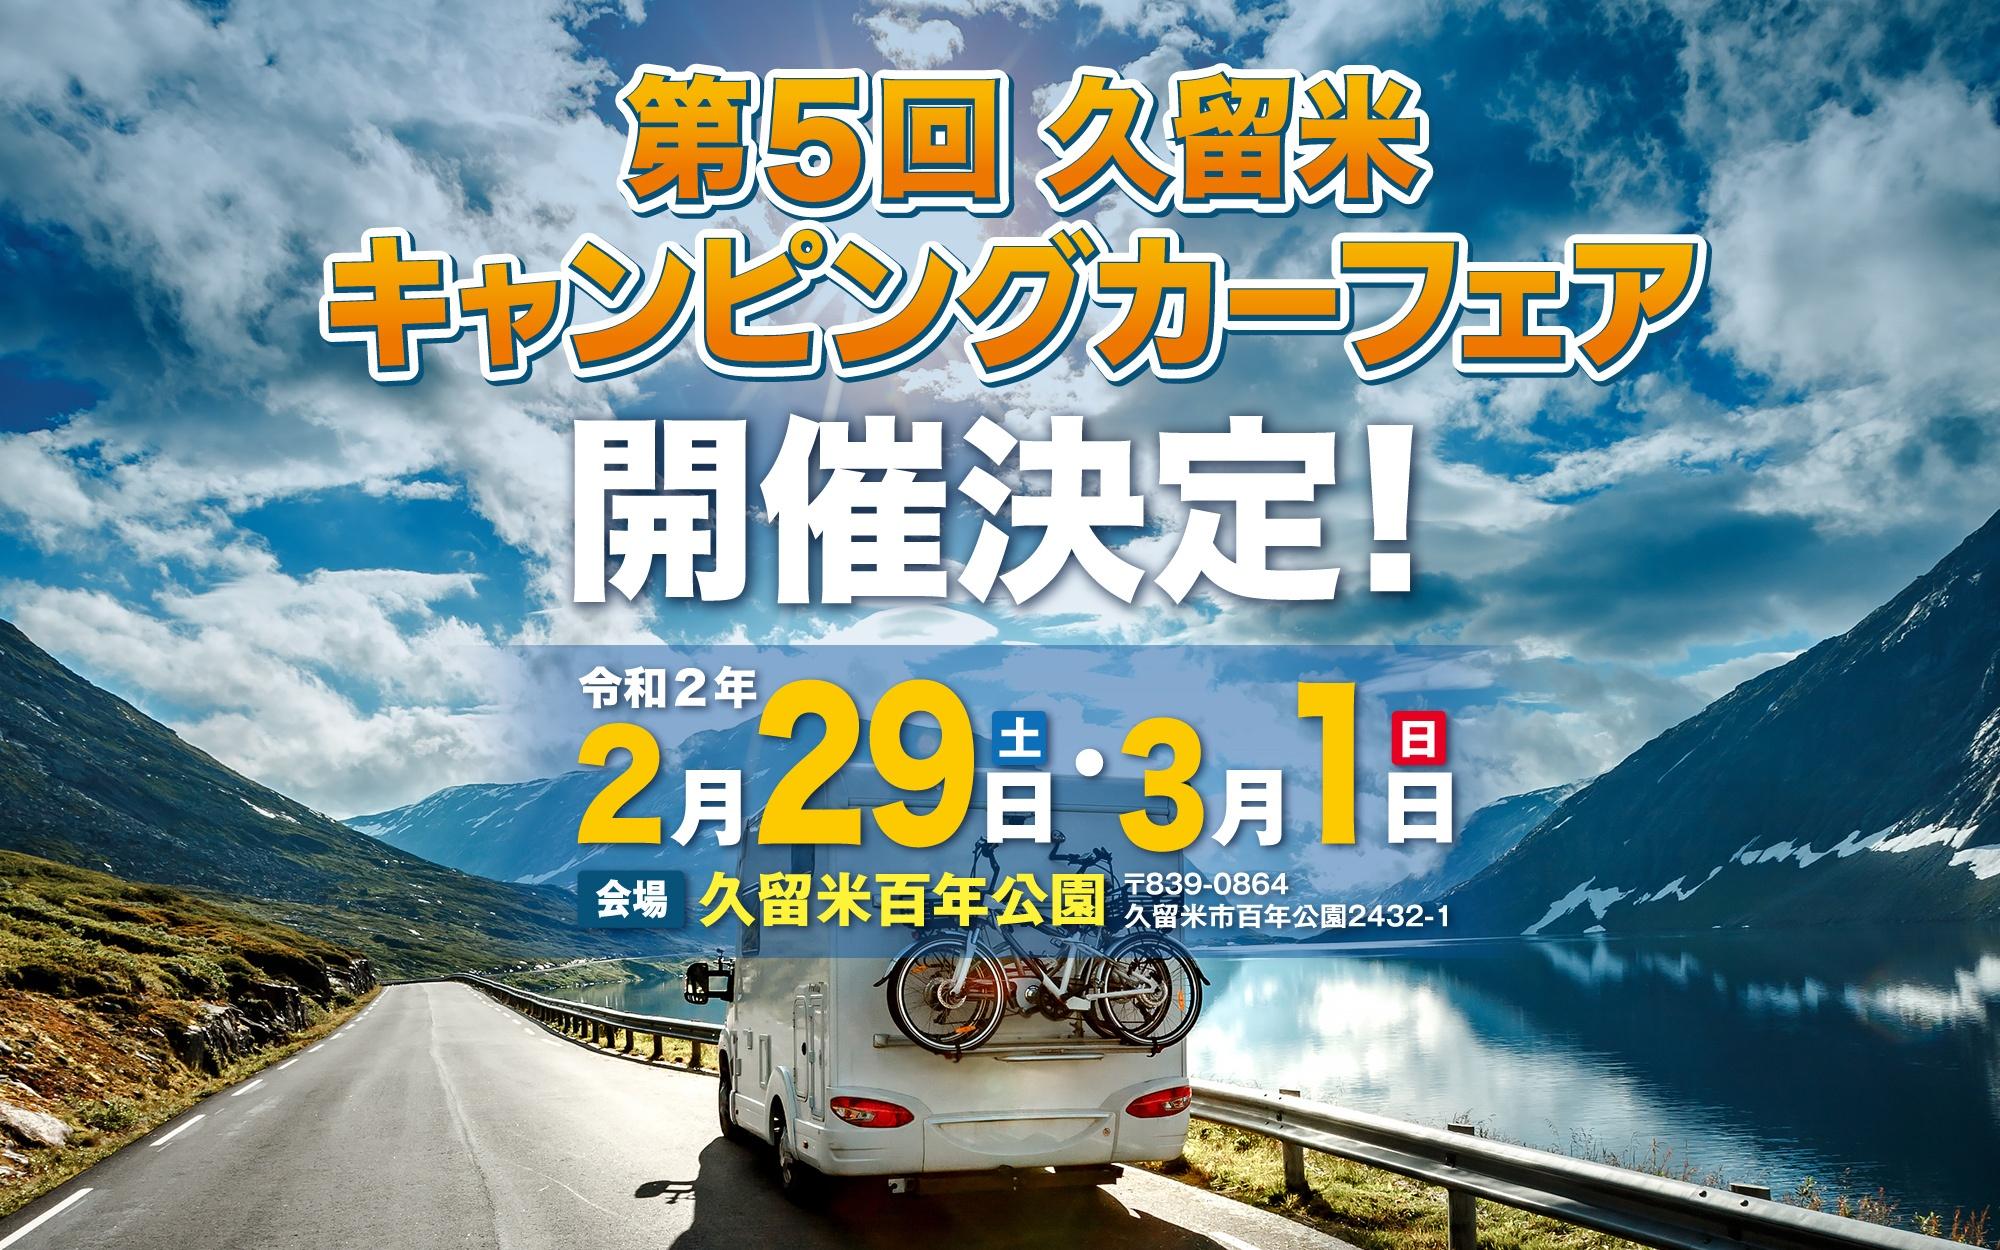 第5回久留米キャンピングカーフェアin百年公園